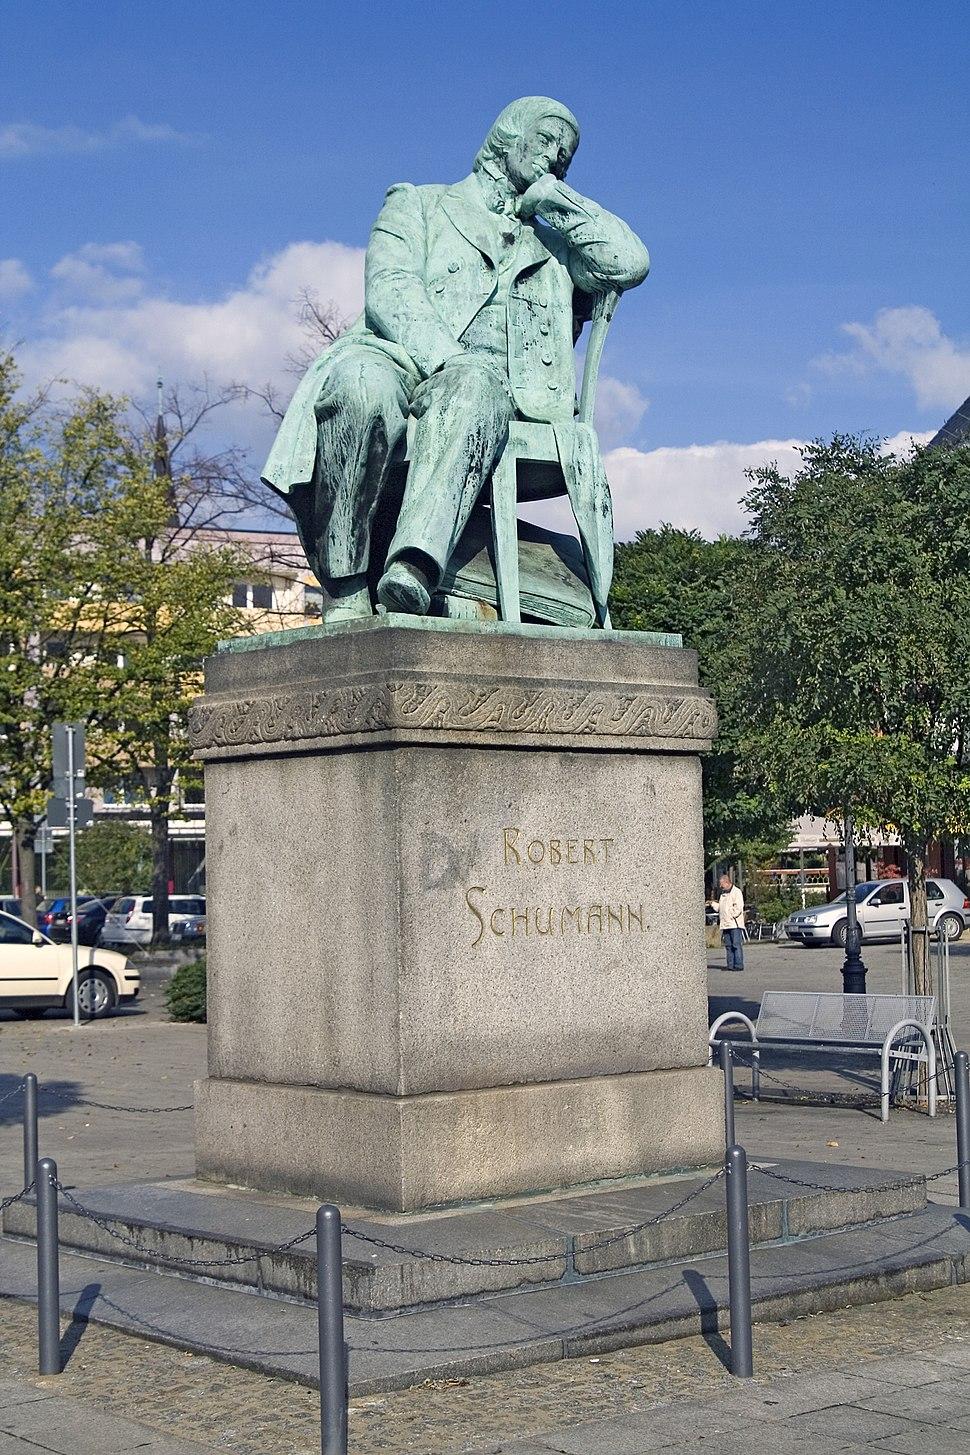 Robertschumann